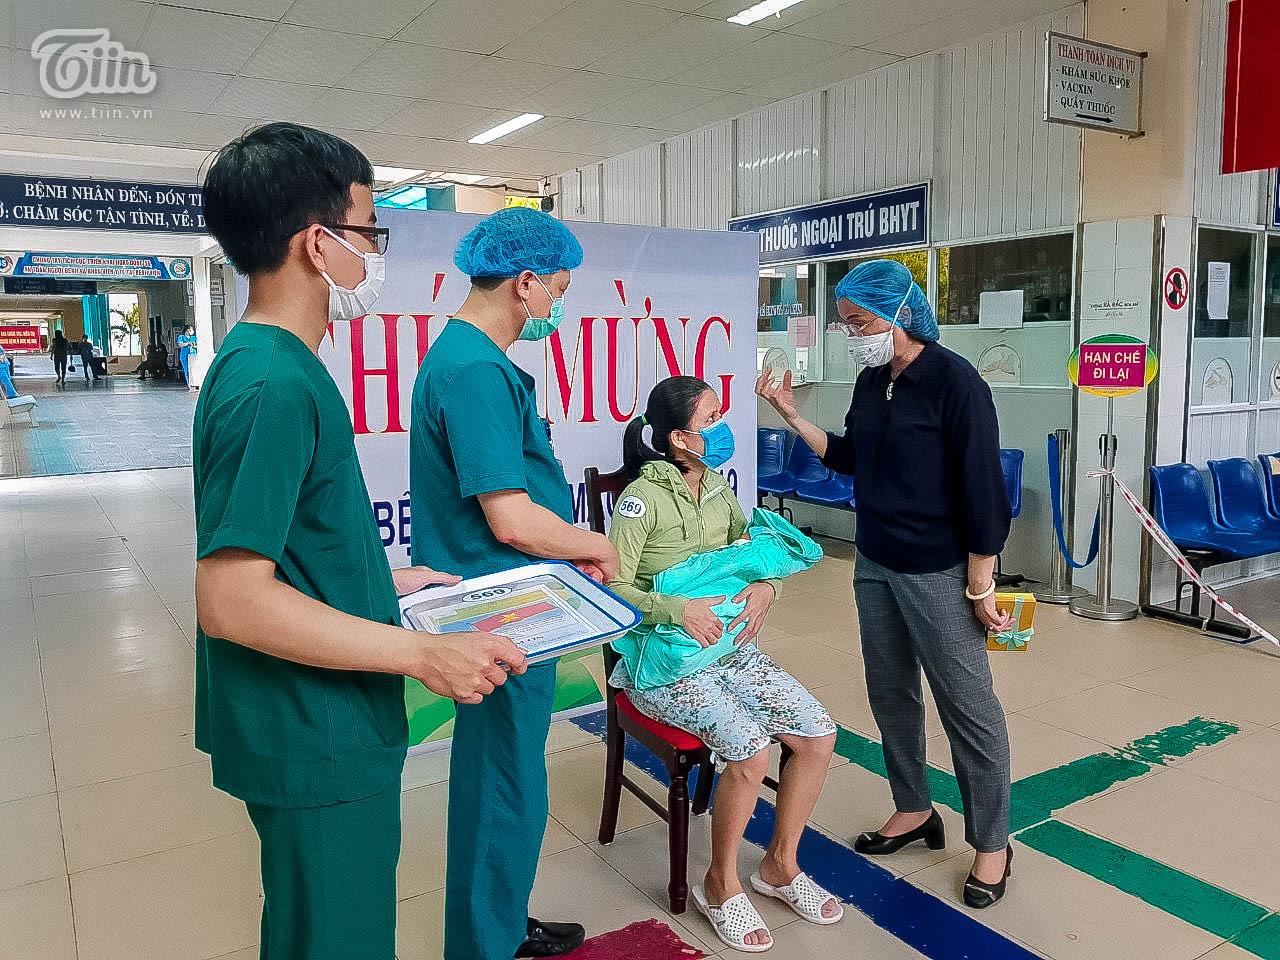 Thêm 16 bệnh nhân Covid-19 ở Đà Nẵng khỏi bệnh, sản phụ nhiễm bệnh đã xuất viện cùng con 4